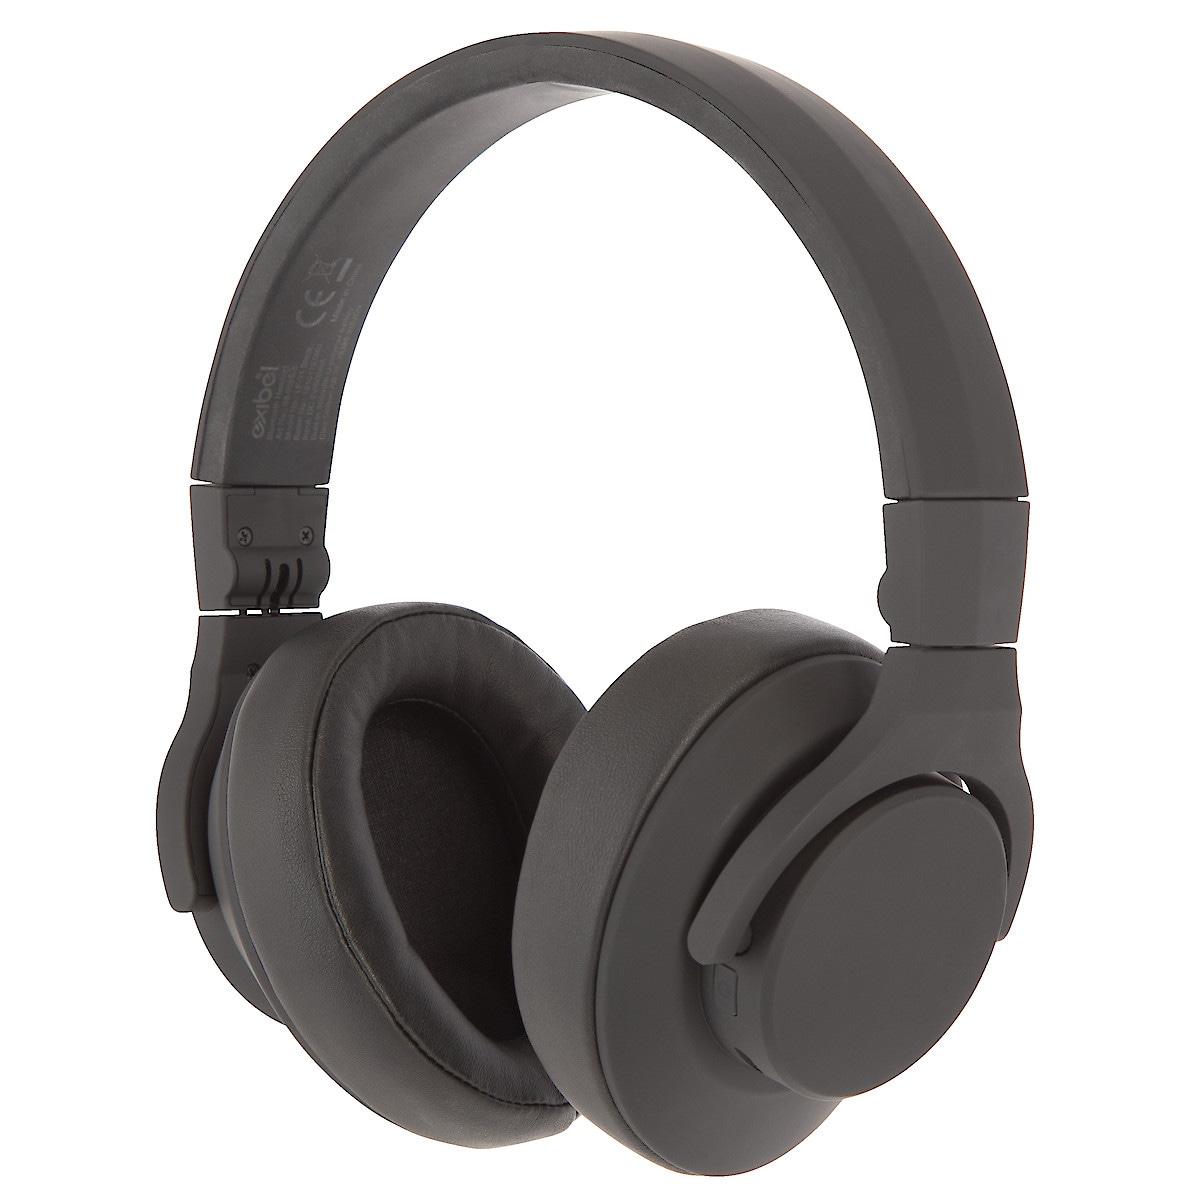 Trådlösa hörlurar med mikrofon, Exibel Obsidian